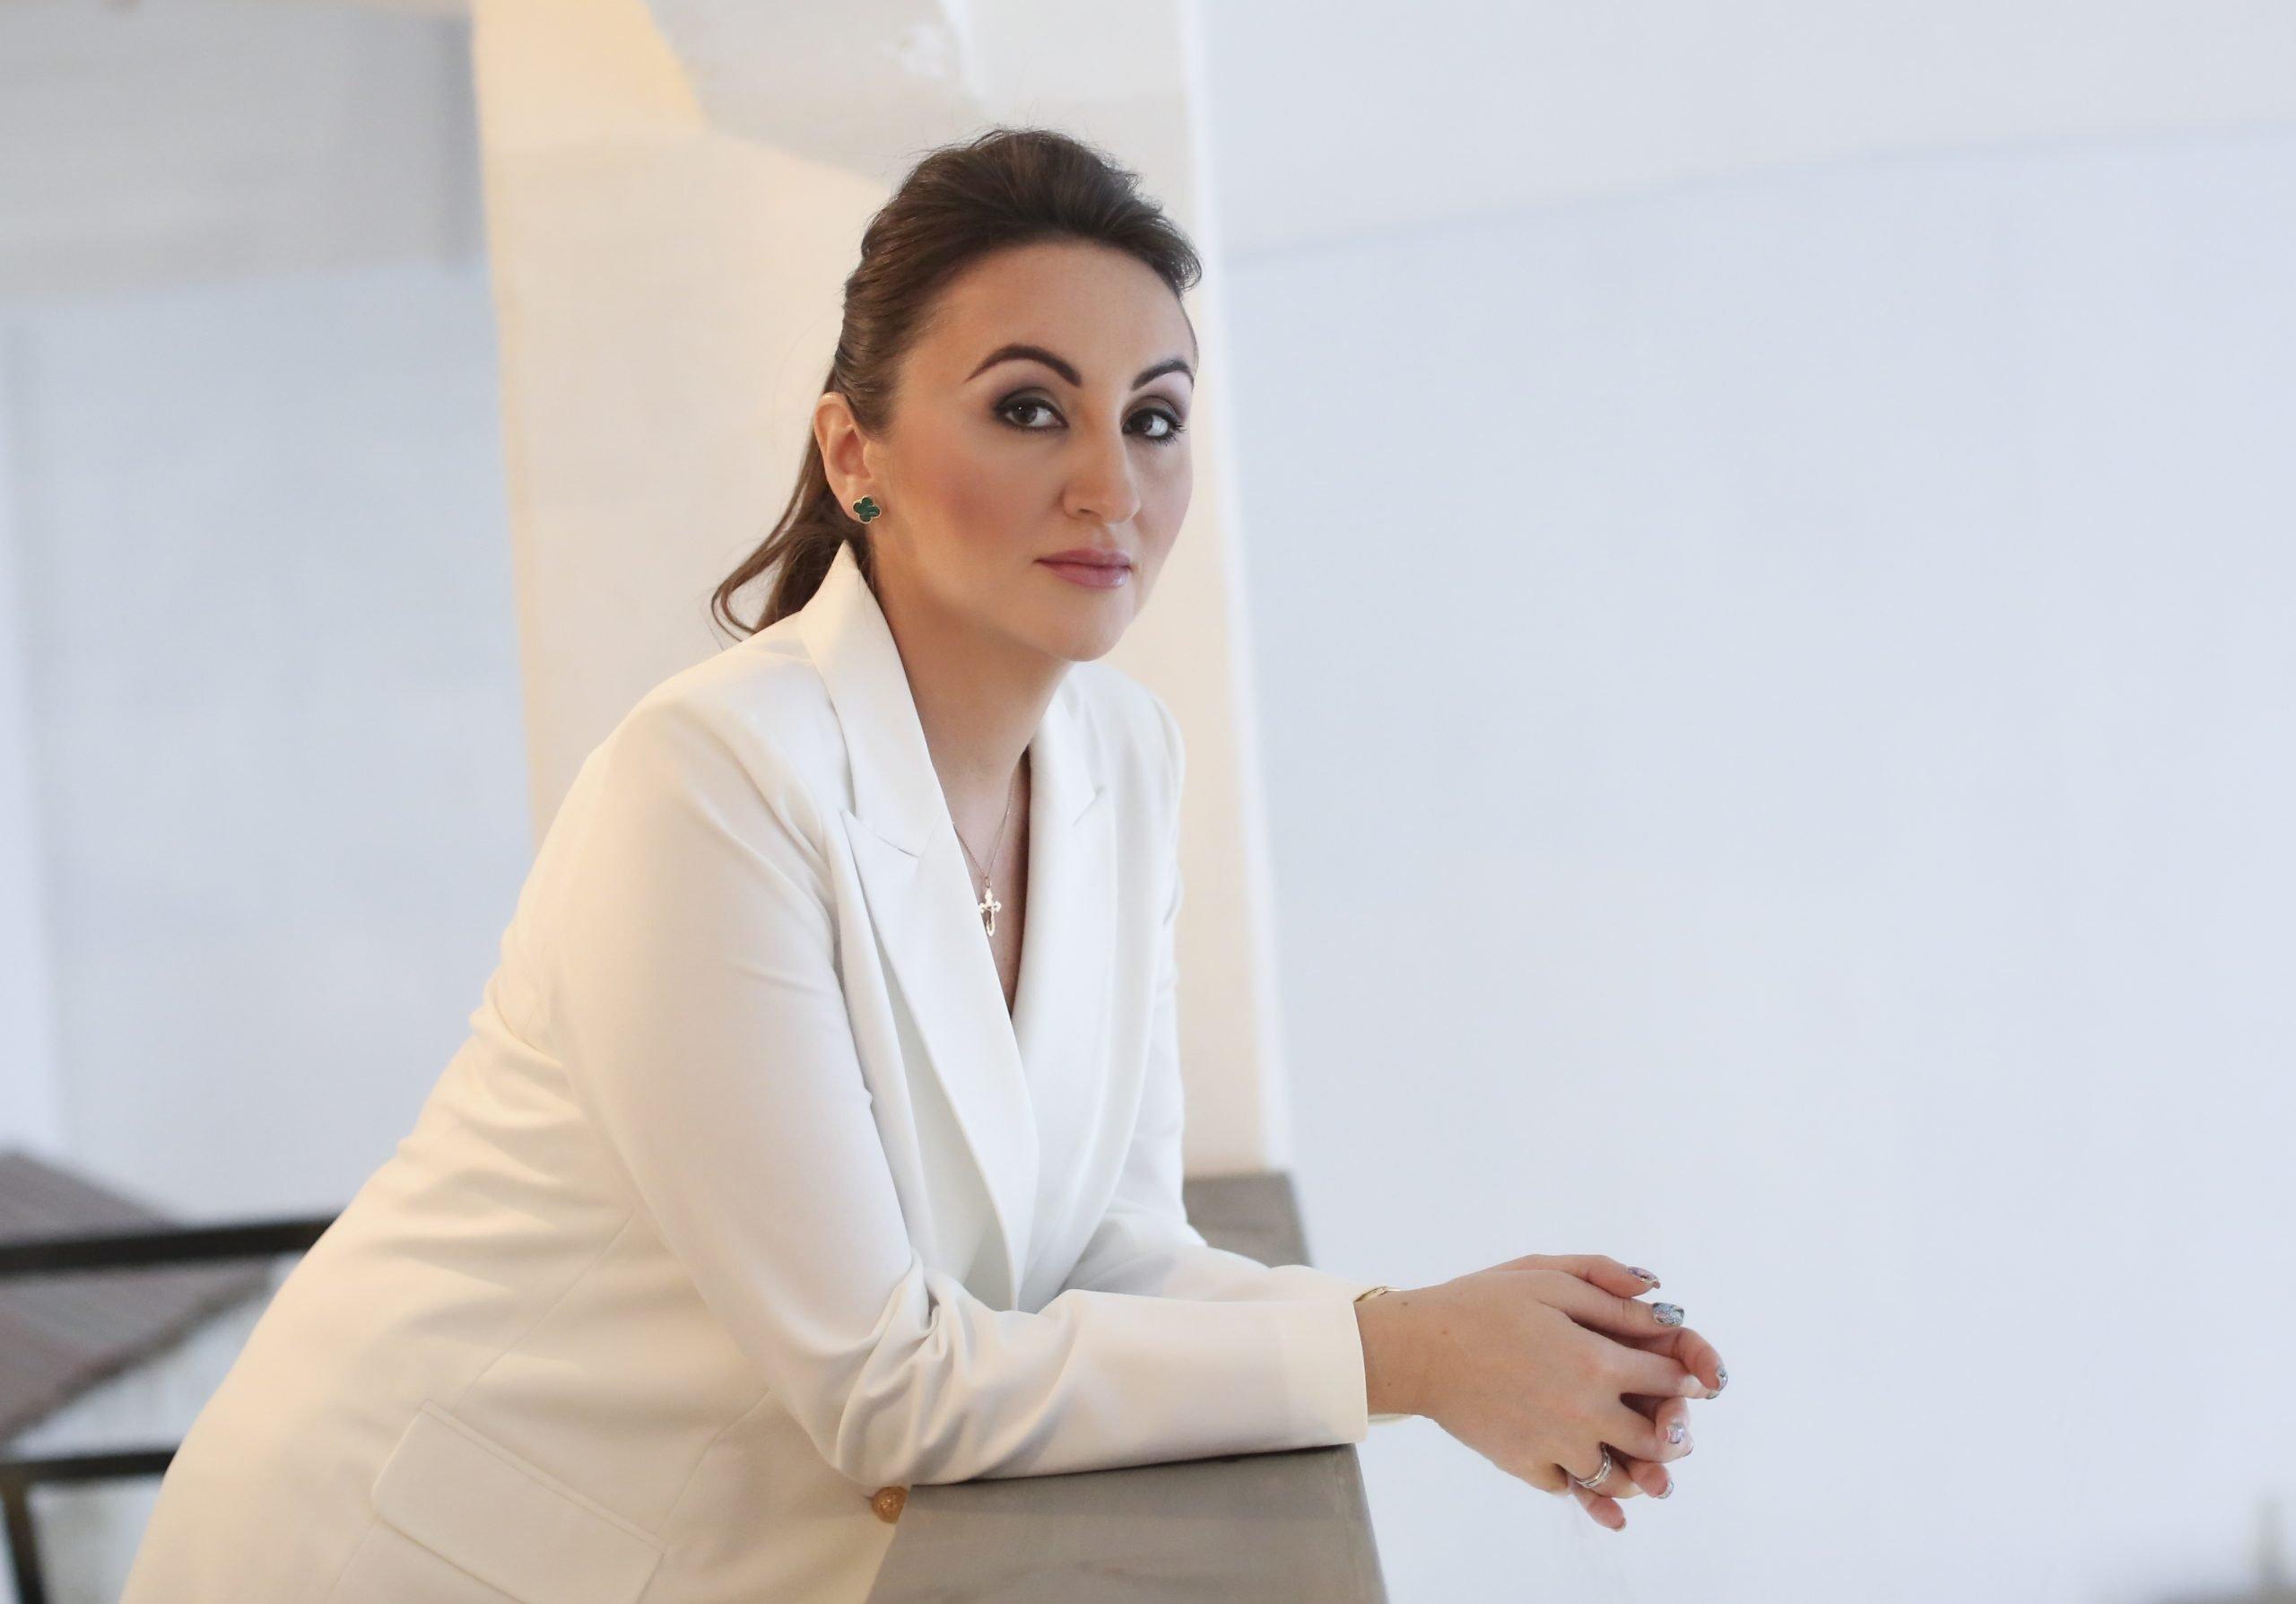 Дарина Денисова: Создание монопольного регулятора отрасли приведет к банкротству легальных БК